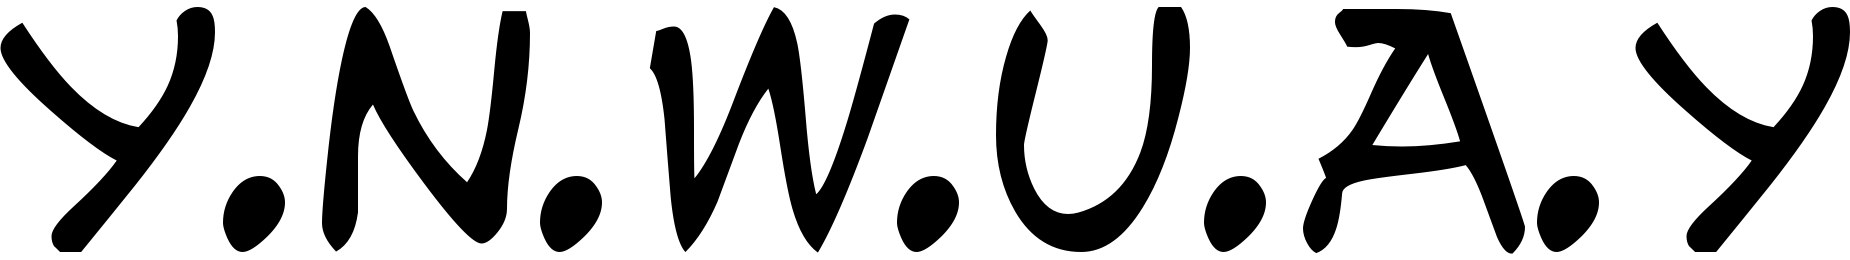 y.n.w.u.a.y